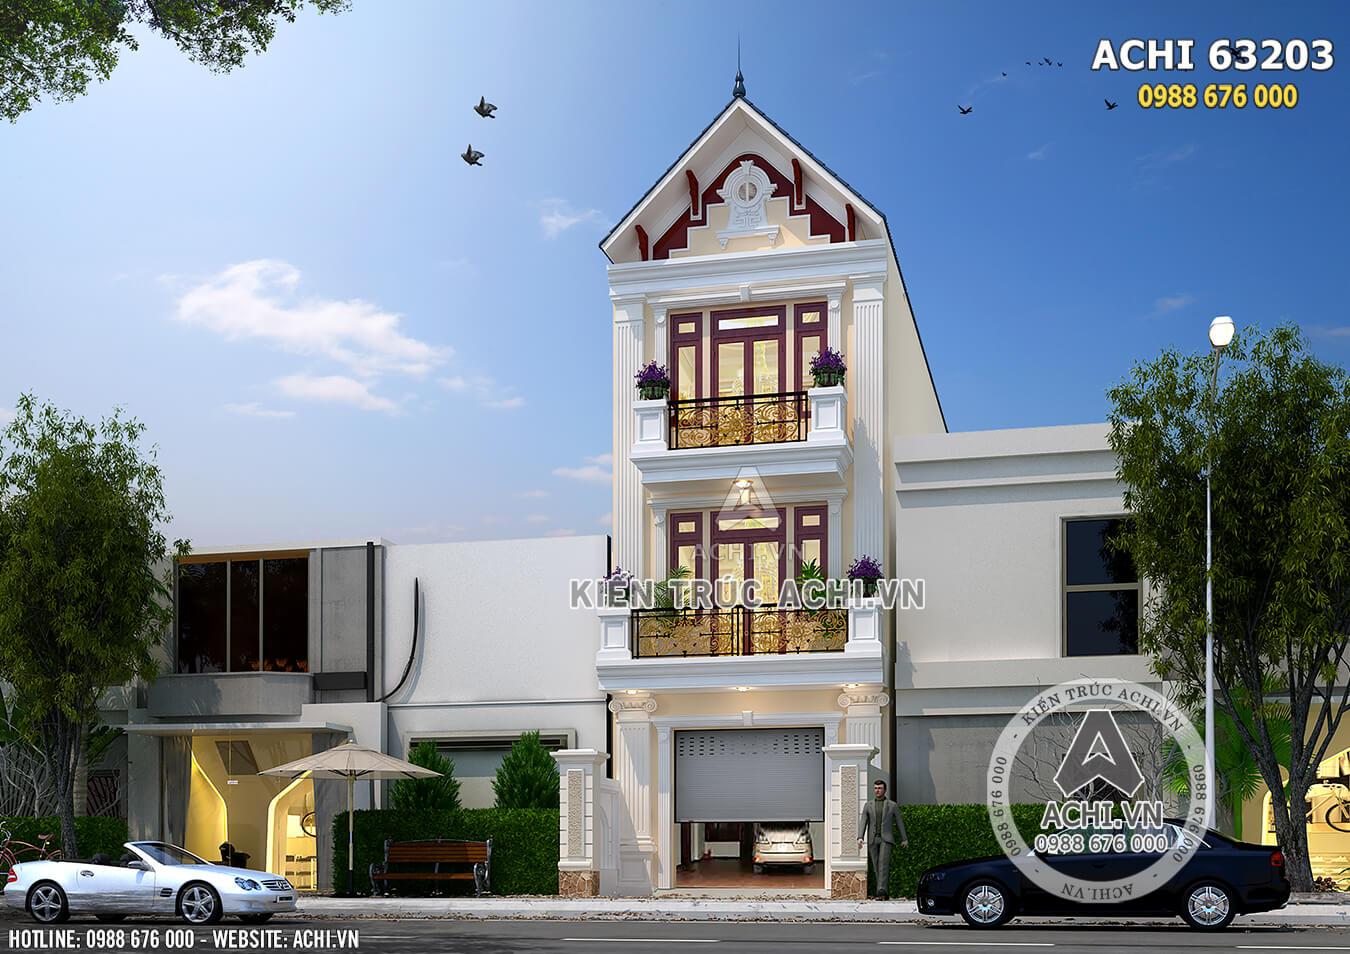 Hình ảnh: View phía sau mẫu nhà phố 3 tầng– Mã số: ACHI 63023